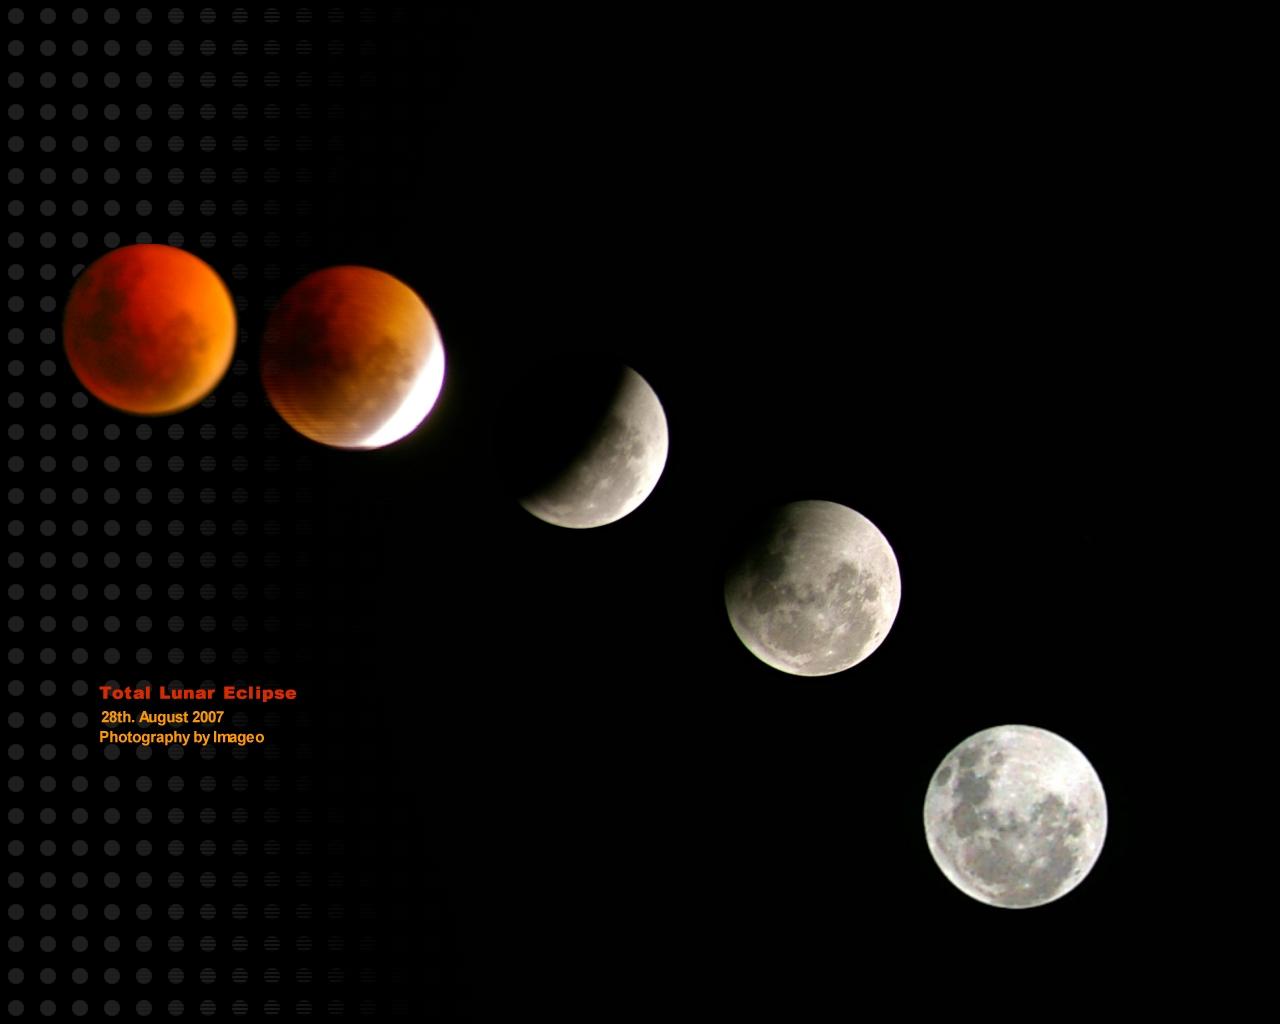 wallpaper 7: Lunar Eclipse Wallpapers